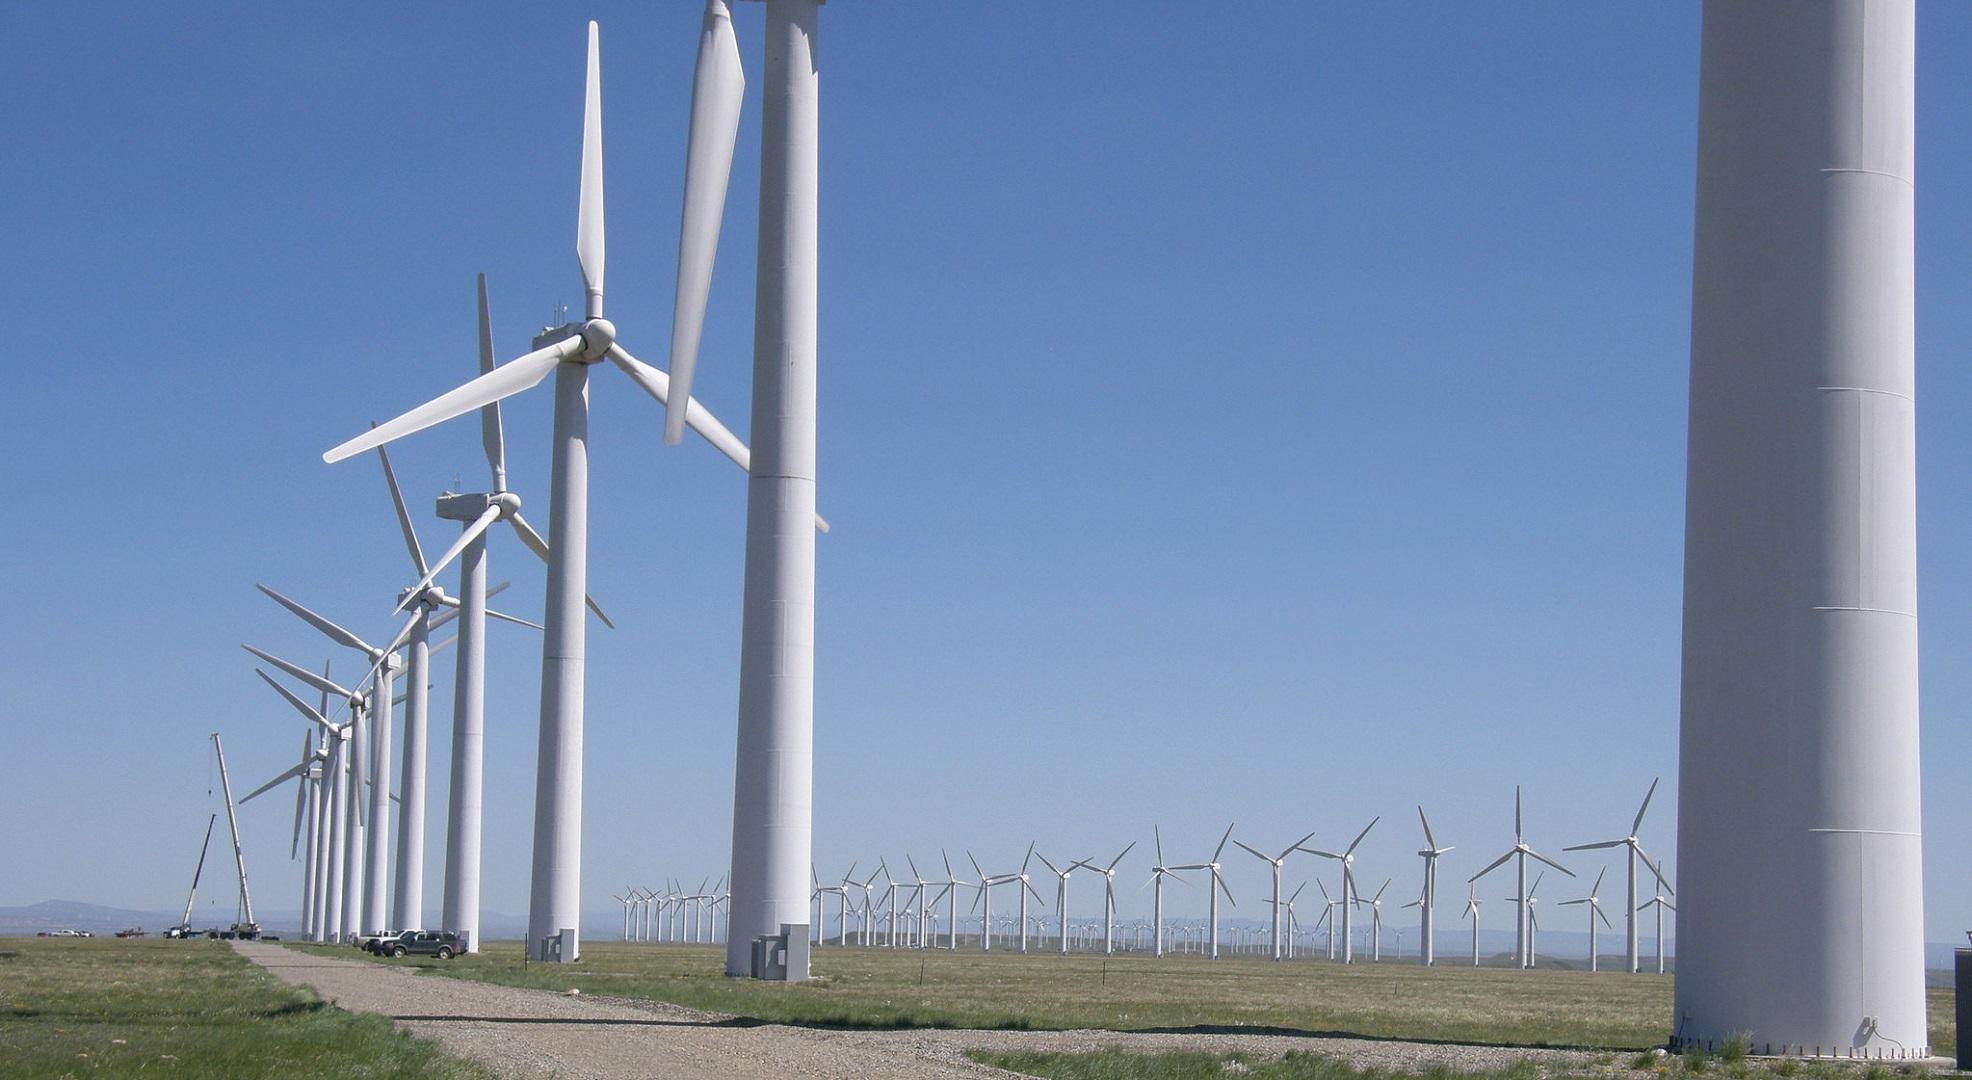 La energía eólica: un nuevo producto de venta para los agricultores